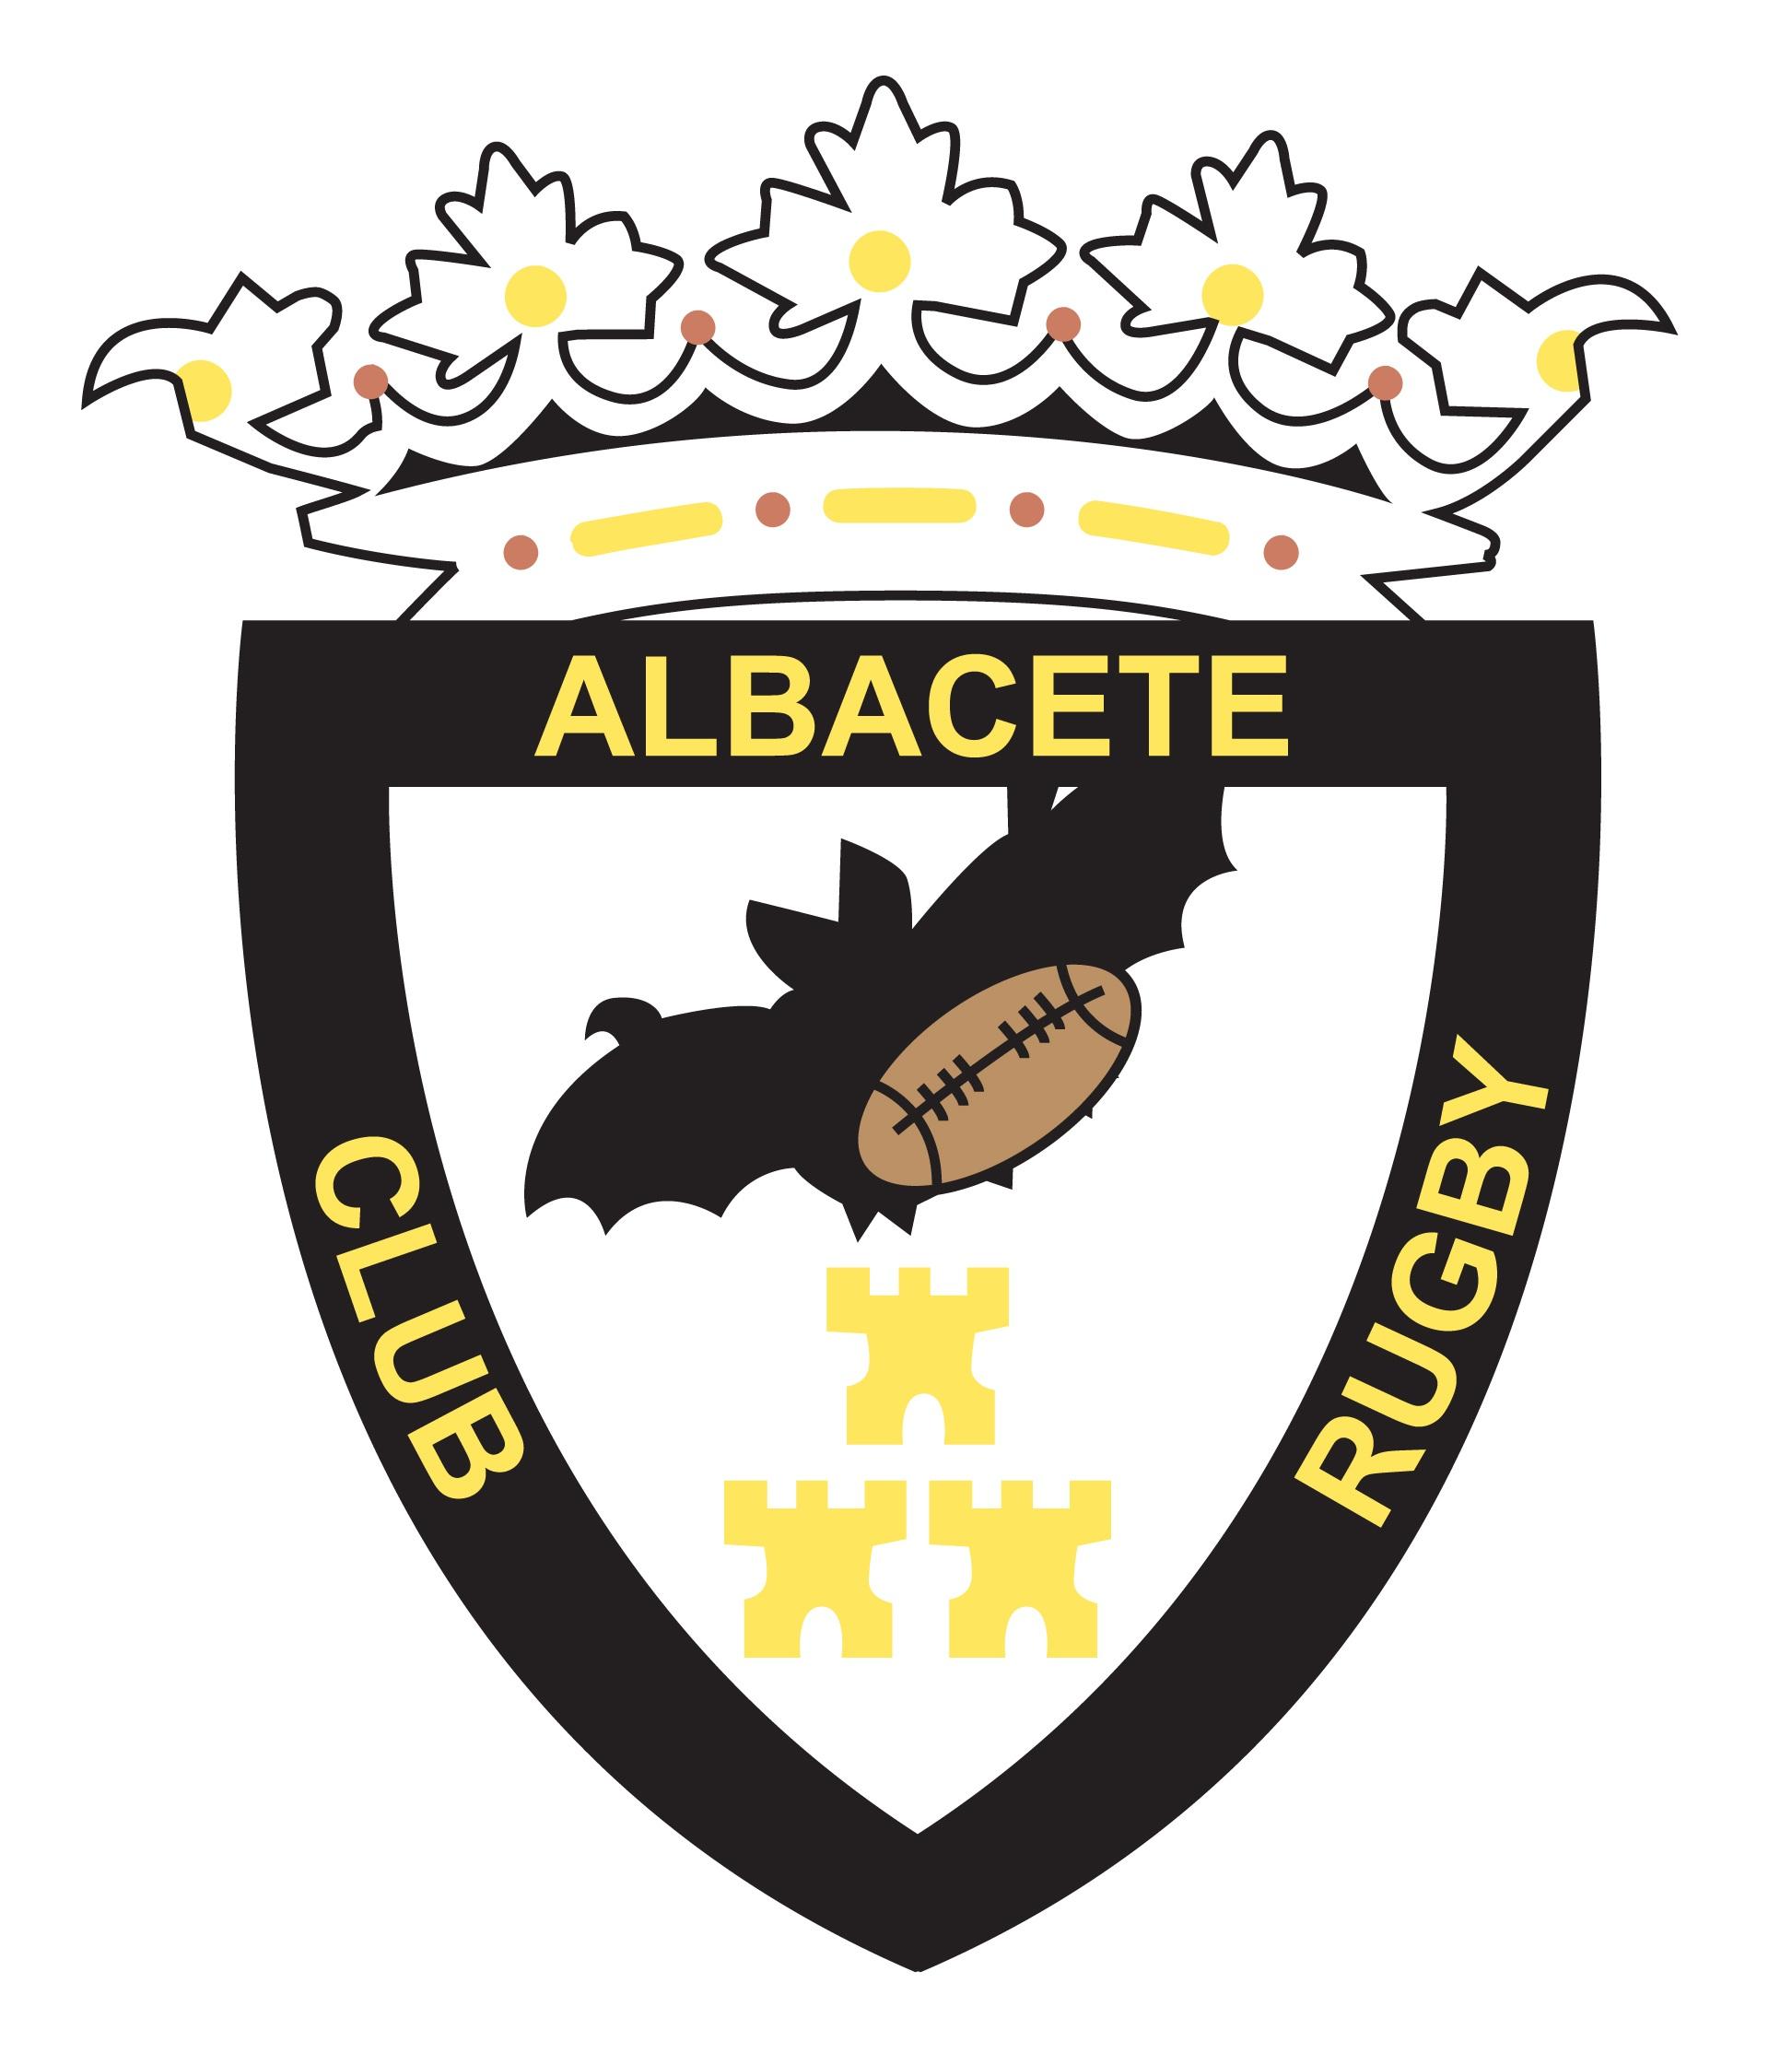 Escudo del Club Rugby Albacete